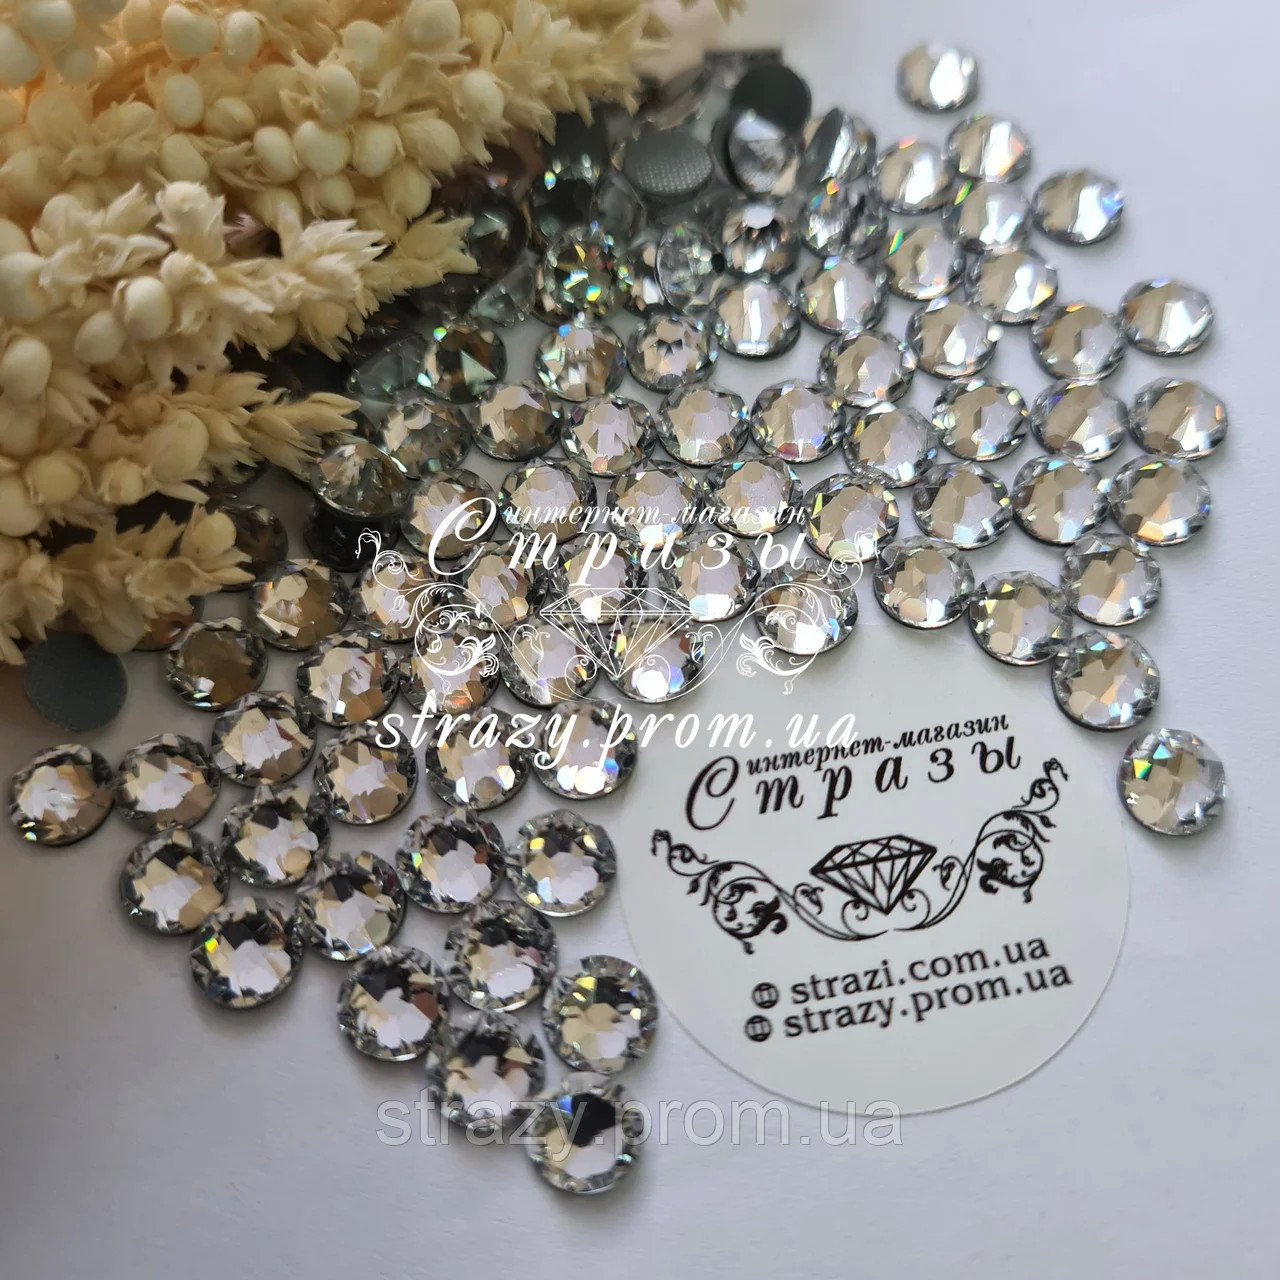 Термо стрази ss16 Crystal Xirius NEW 16 граней, 1440шт. (4.0 мм)